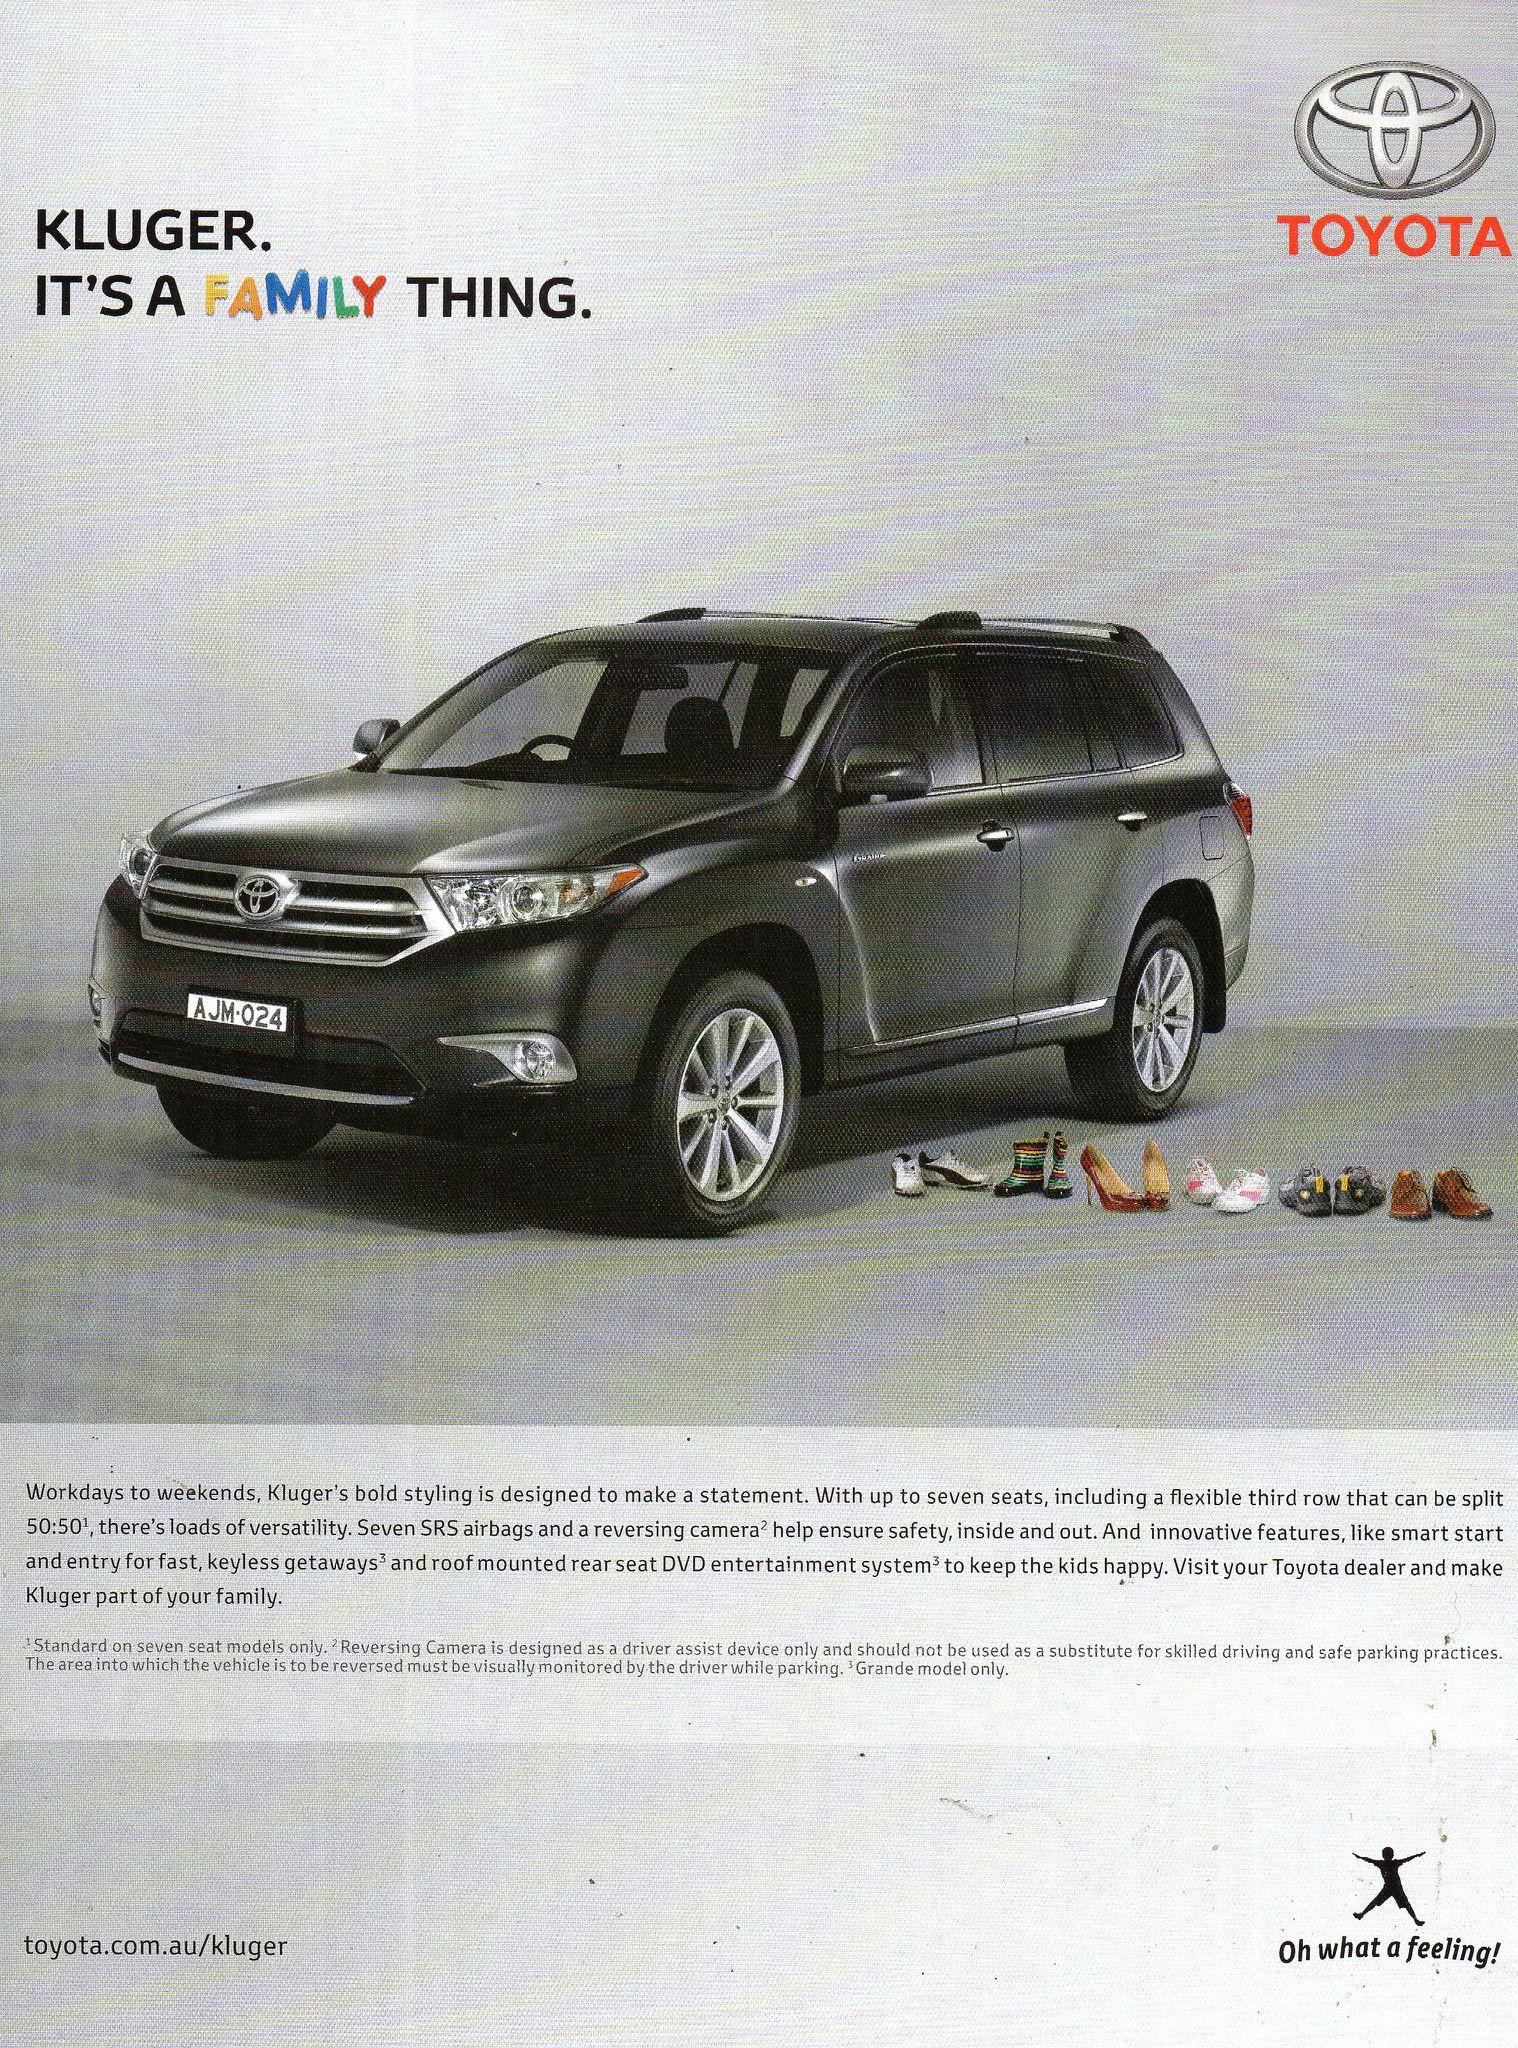 2012 Toyota Kluger Suv Wagon Aussie Original Magazine Advertisement